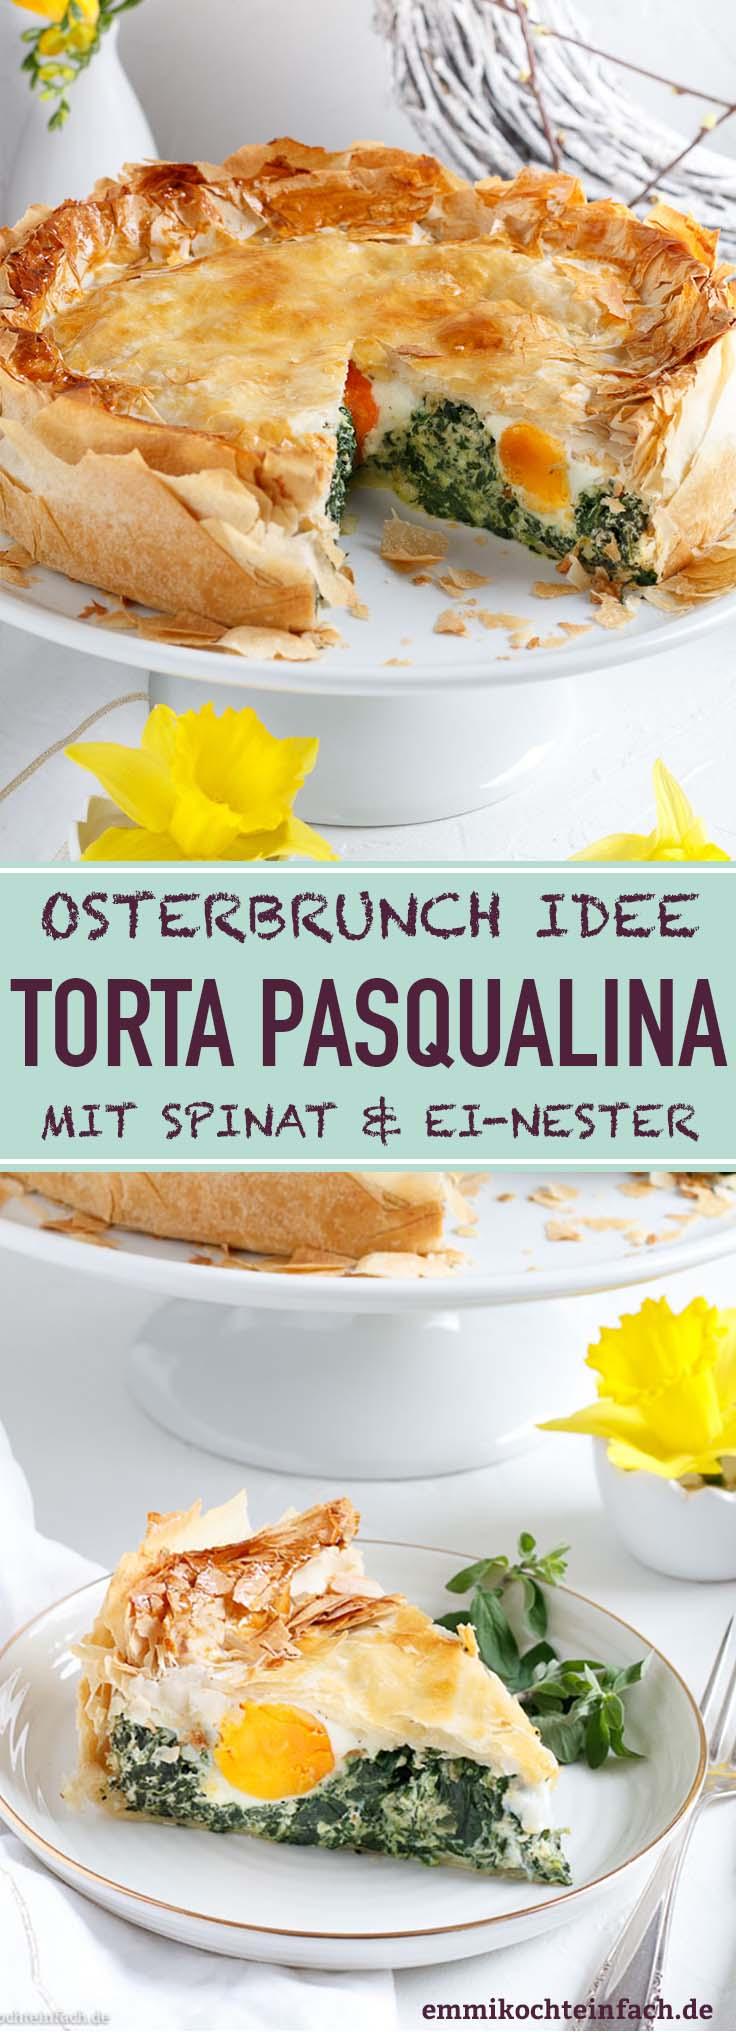 Spinattorte mit Ricotta und Ei-Nester - www.emmikochteinfach.de